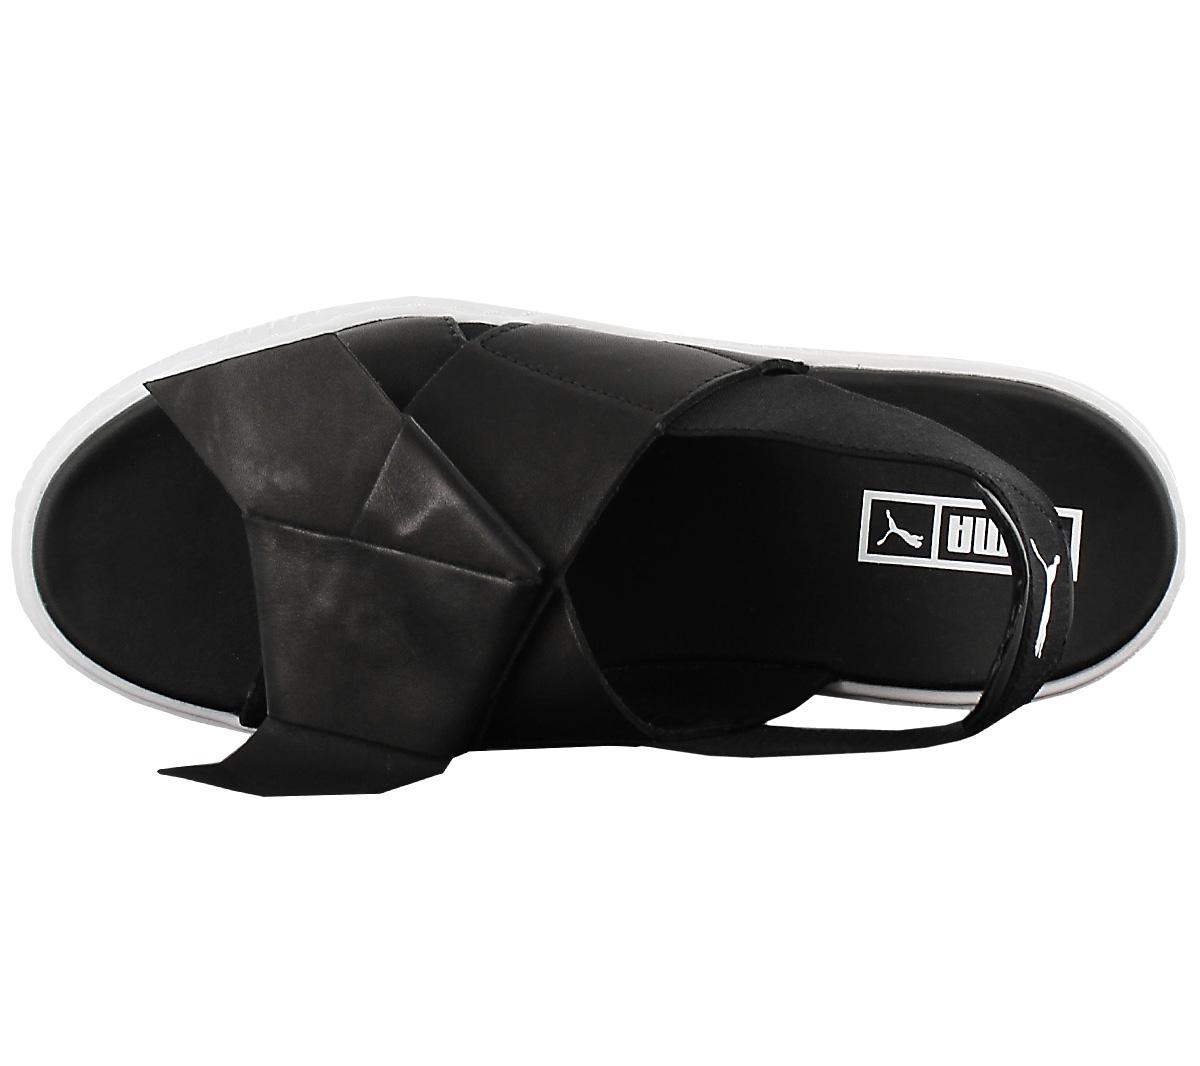 4498c65e4d2 NEW Puma Platform Sandal Lea 365481-01 Women  s Shoes Trainers ...